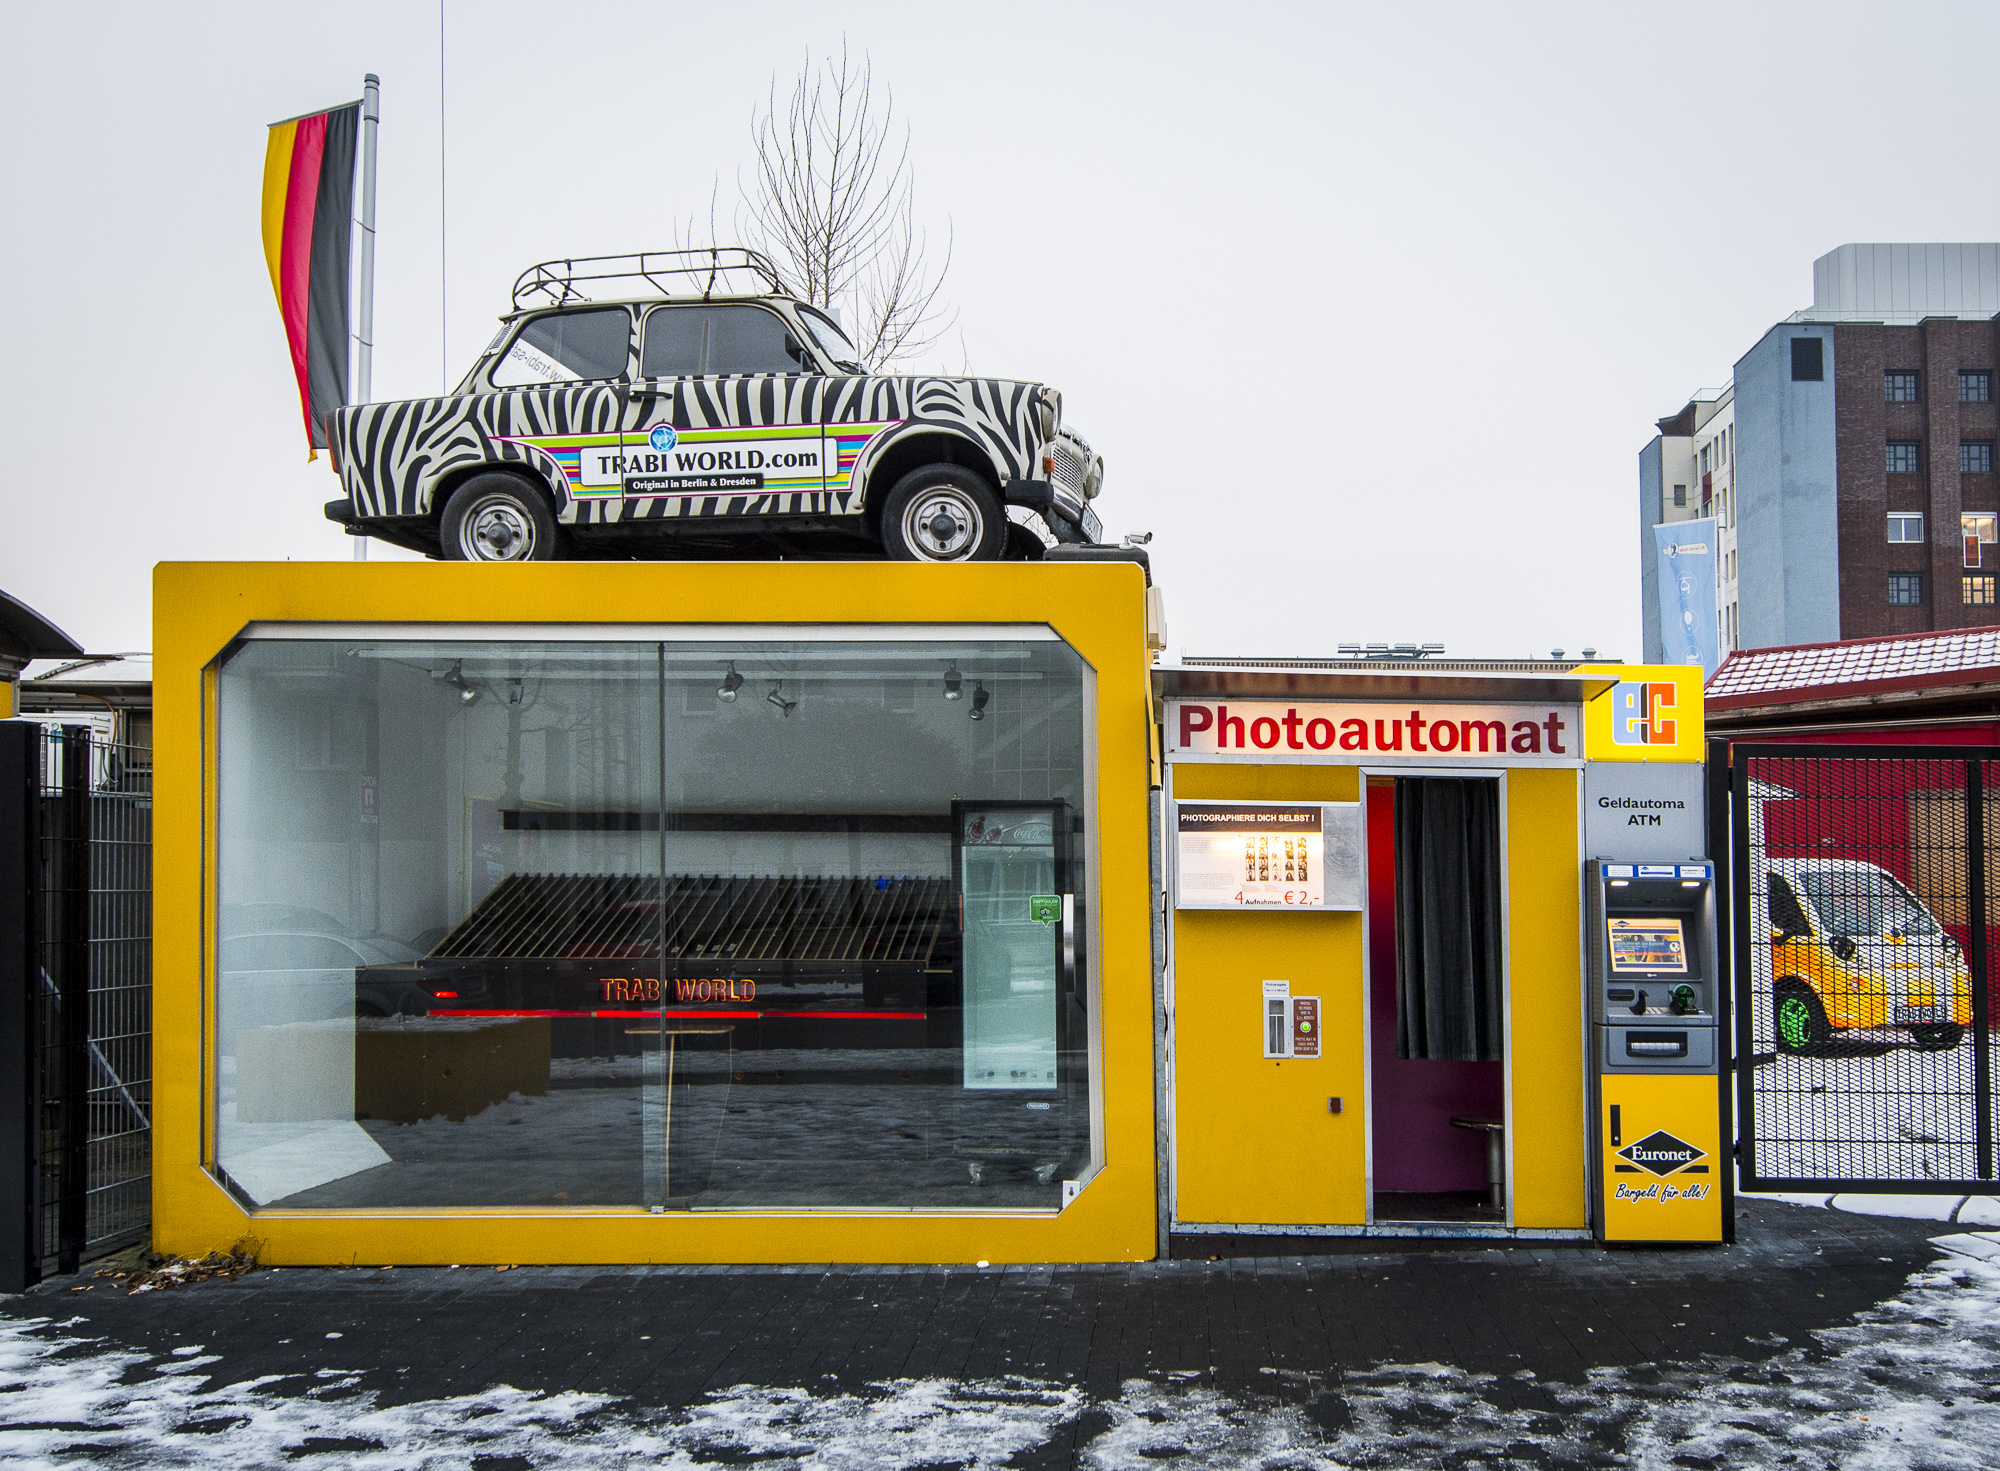 Trabi-World  PHOTOGRAPHY: ALEXANDER J.E. BRADLEY • NIKON D500 • AF-S NIKKOR 14-24MM F/2.8G ED @ 14MM • F/5.6 • 1/160 • ISO 400